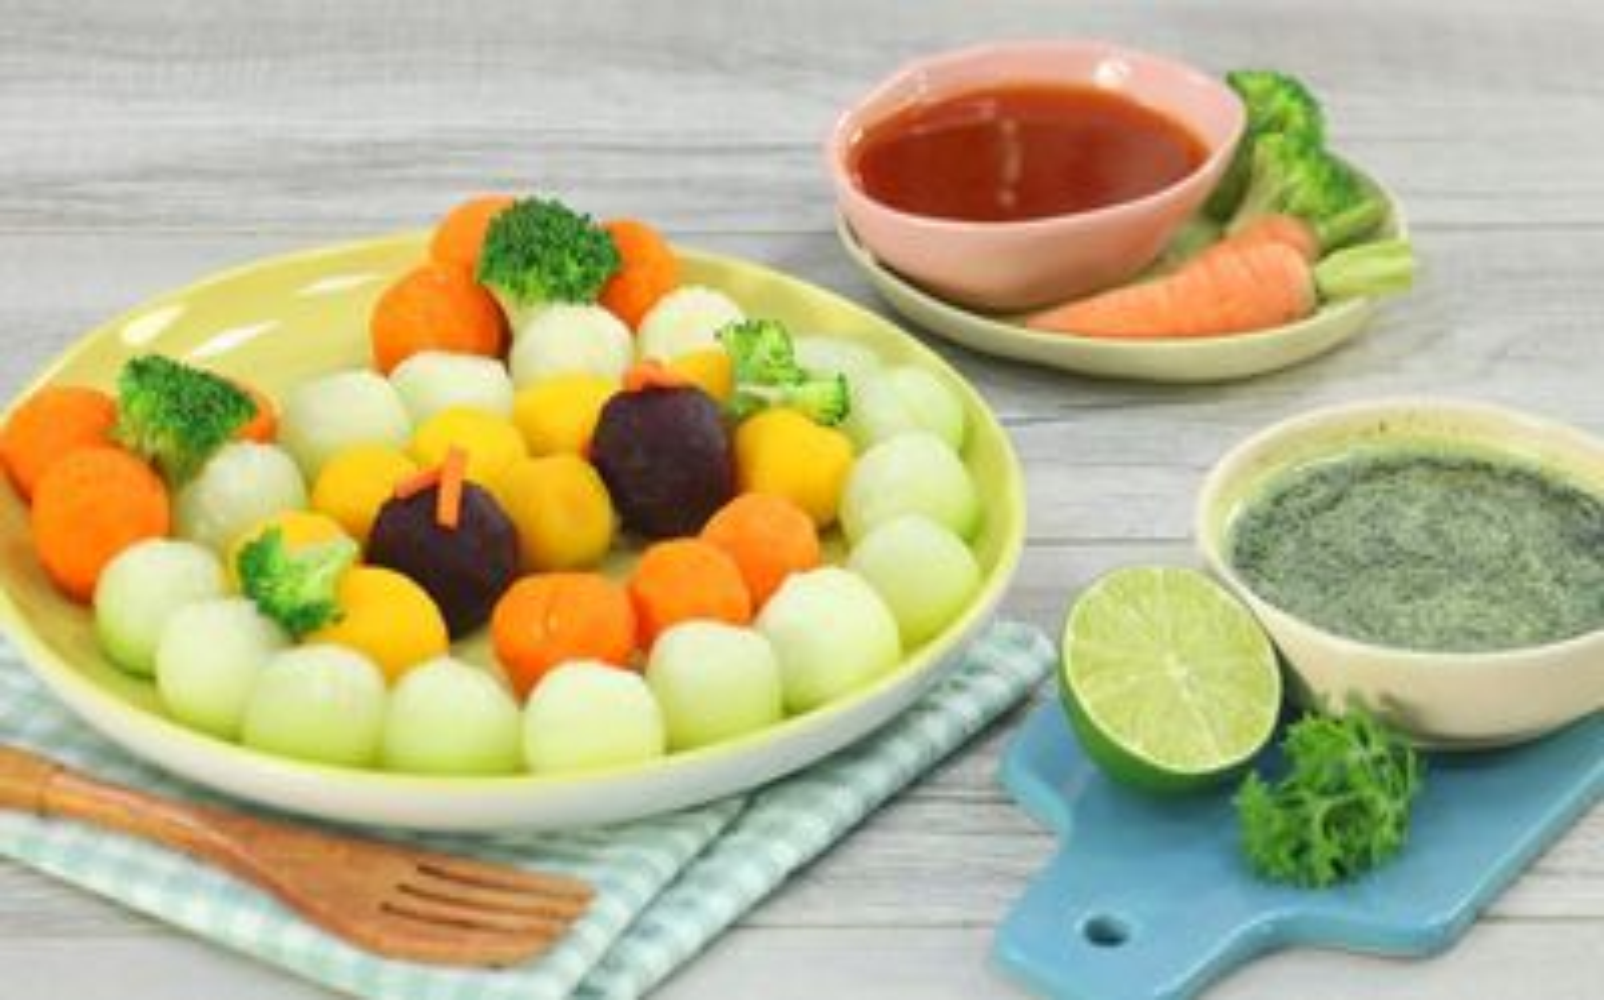 Món ăn 'mát lạnh' giúp chống lại cái nóng của mùa hè